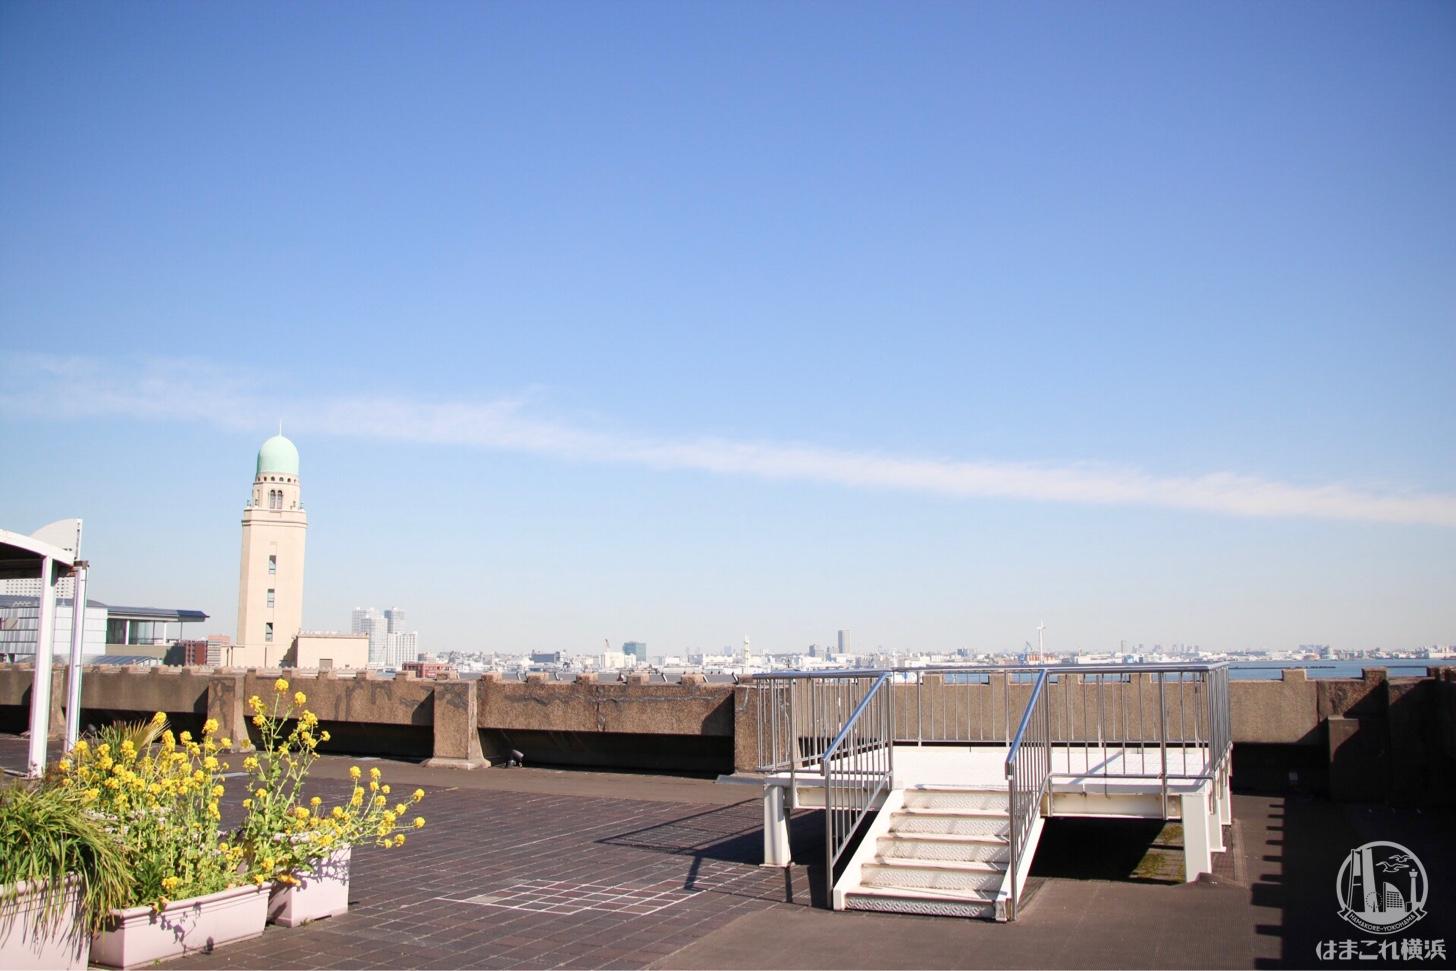 神奈川県庁本庁舎(キングの塔) 展望台